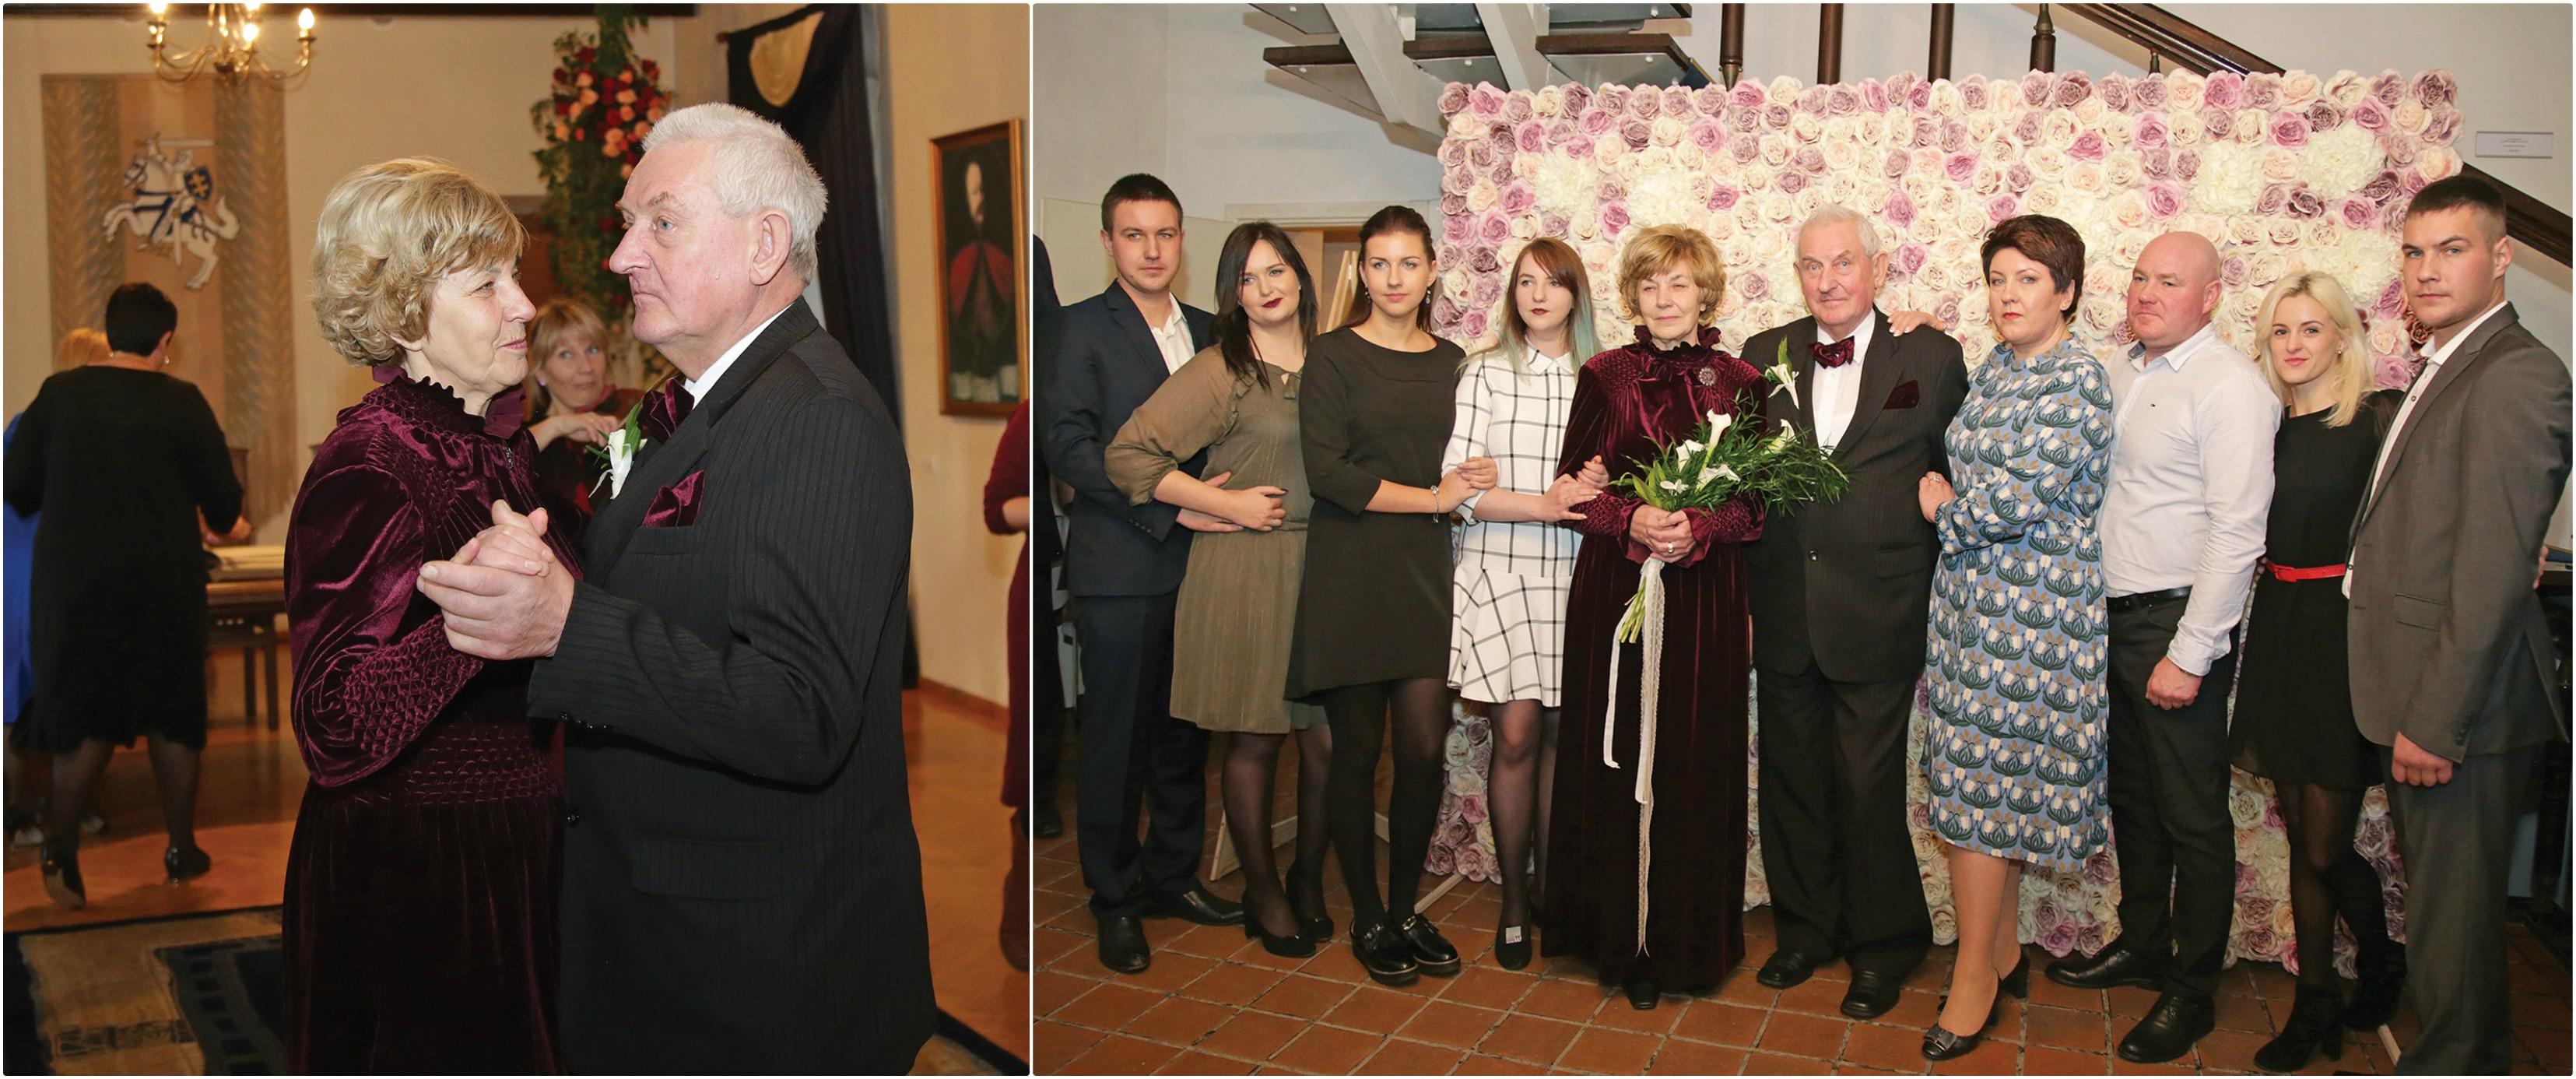 Emilijos ir Algirdo Staugų meilės šokis tęsiasi jau 50 auksinių santuokos metų. Iškilmingą įžadų atnaujinimo šventę porai surengė artimieji./ G. Minelgaitės-Dautorės nuotr.